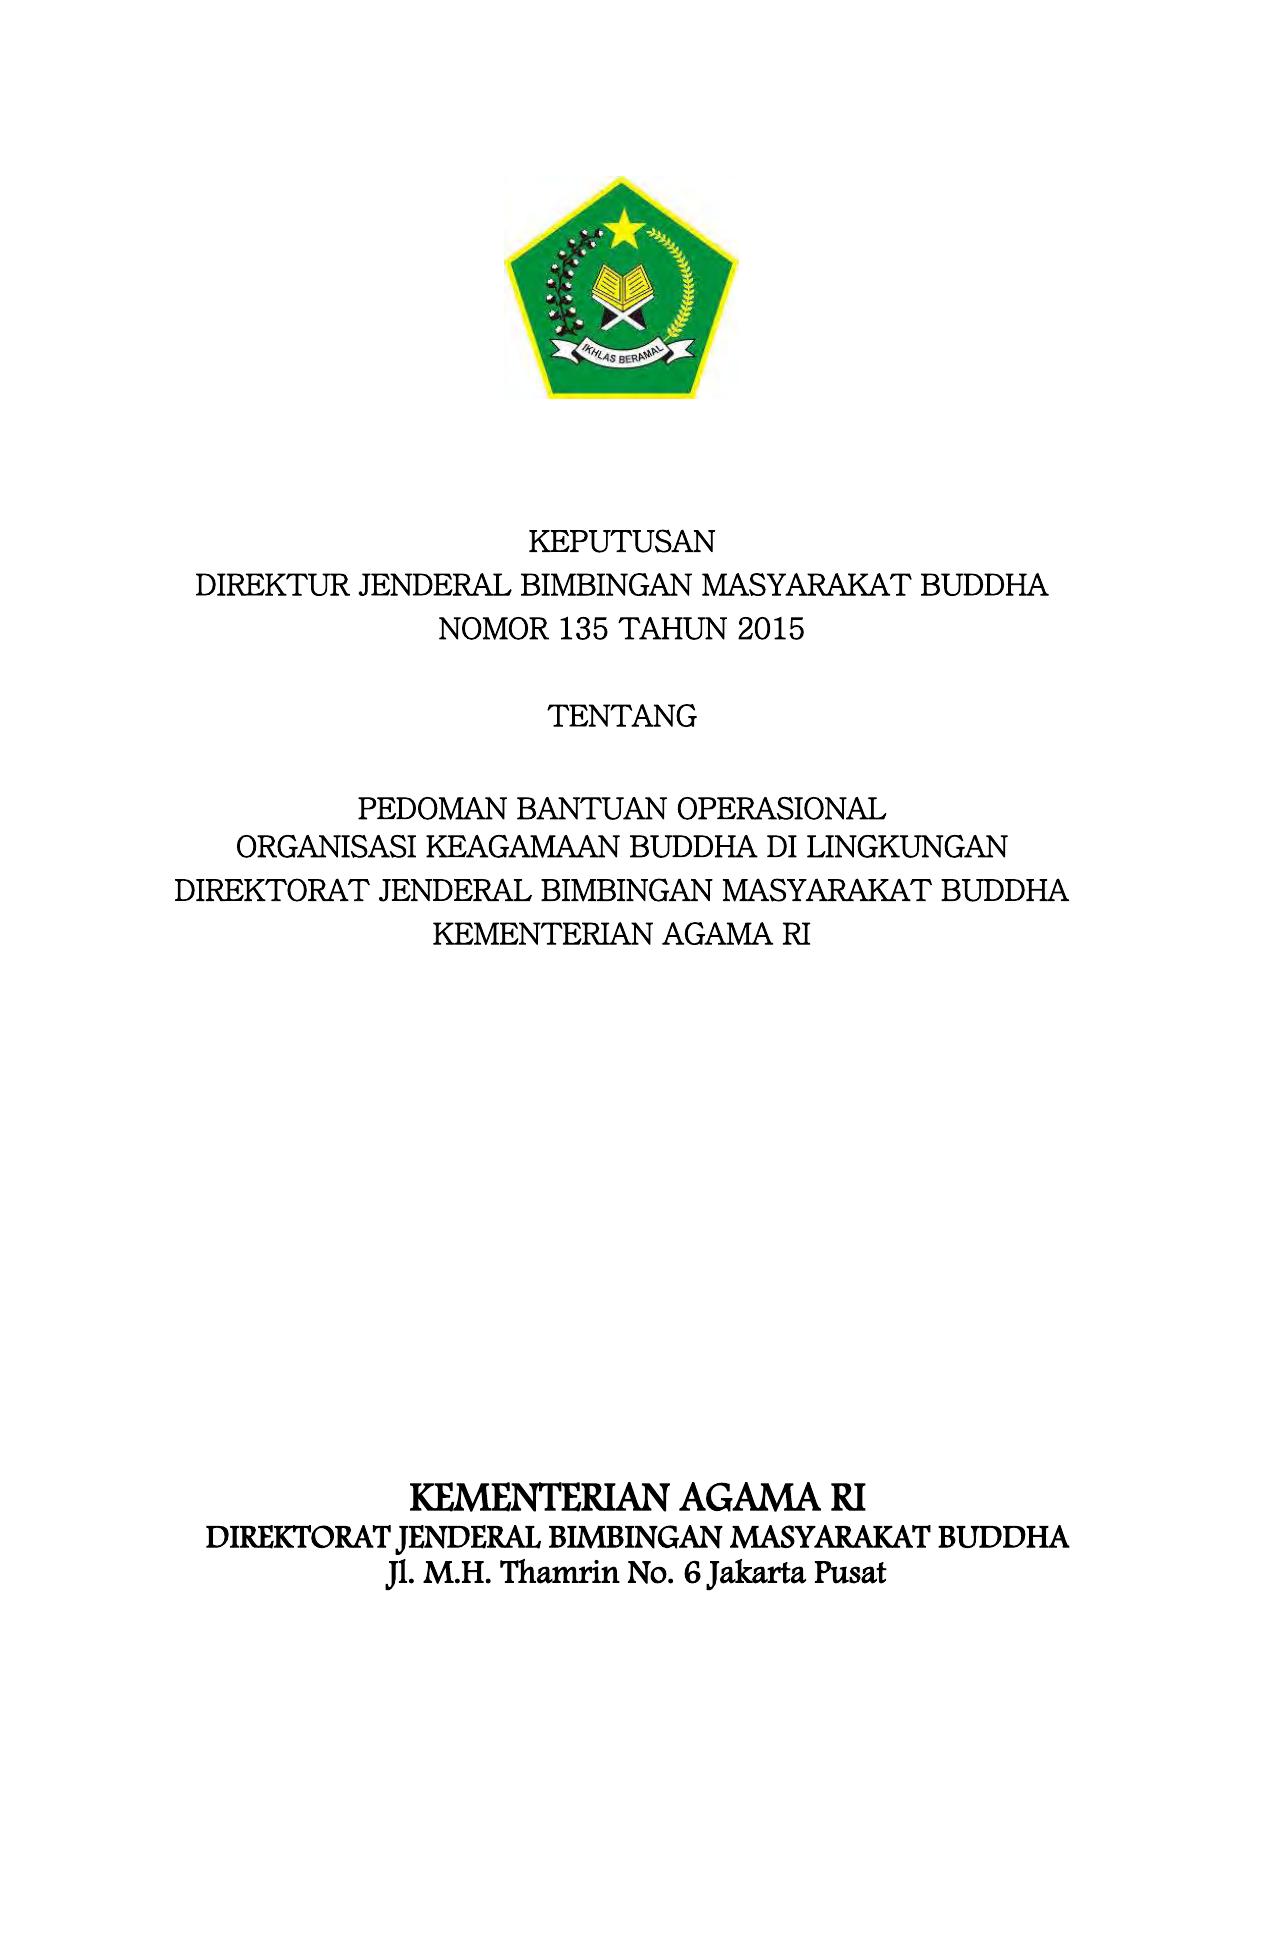 Surat Keputusan